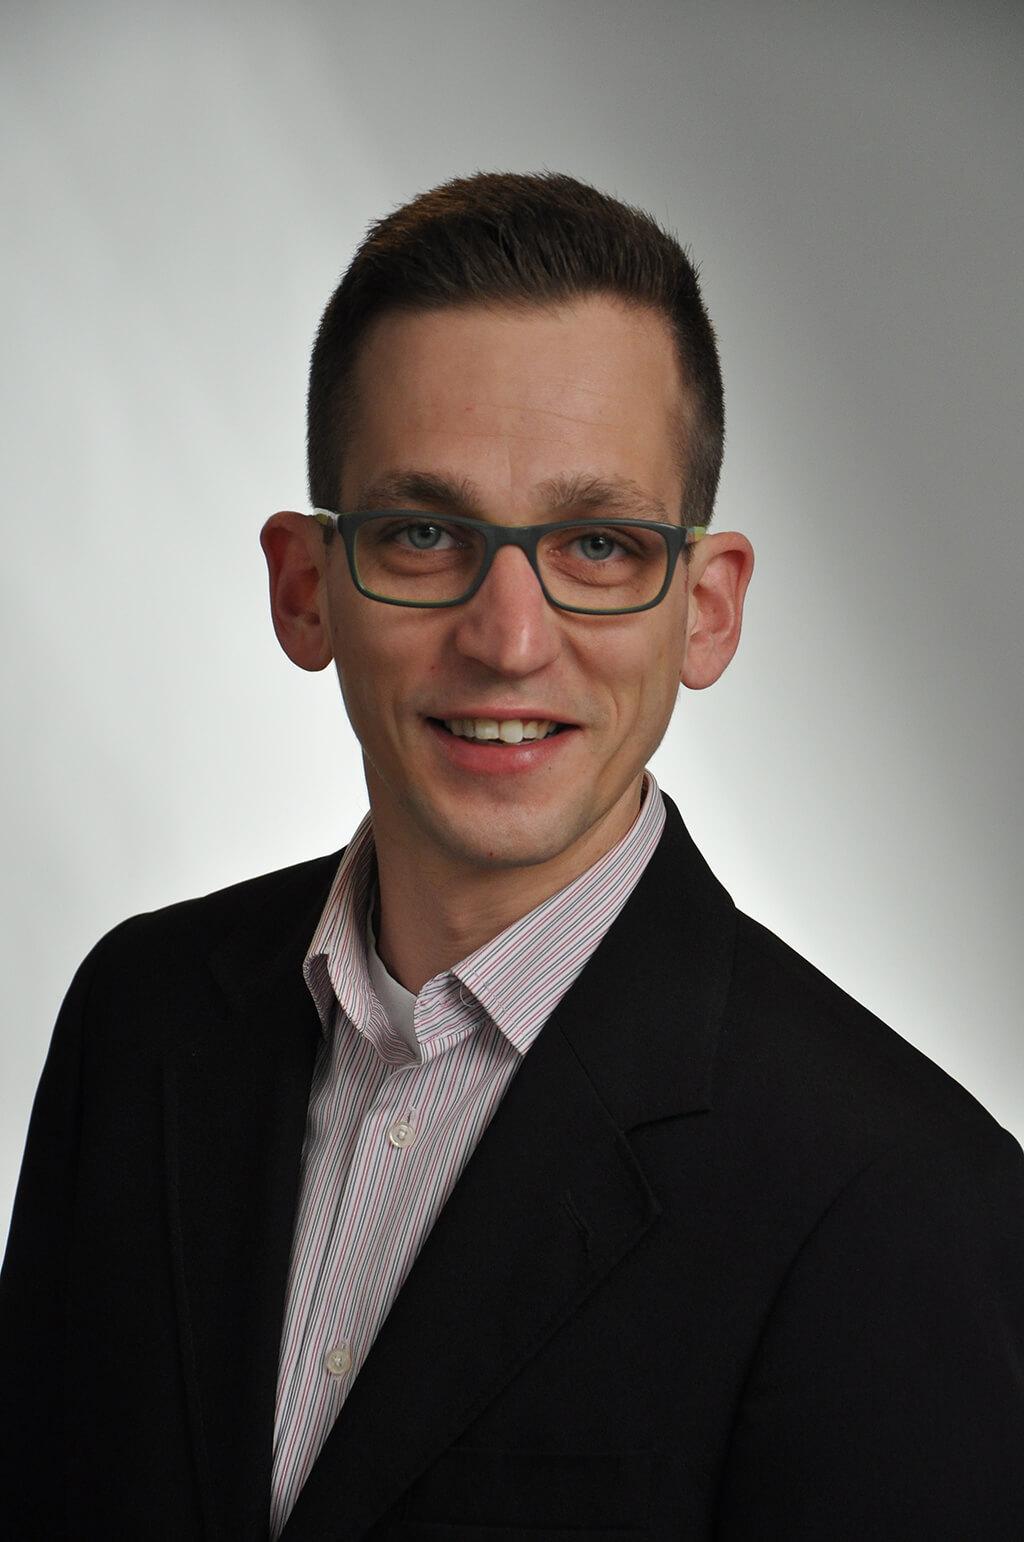 Tobias Eidt